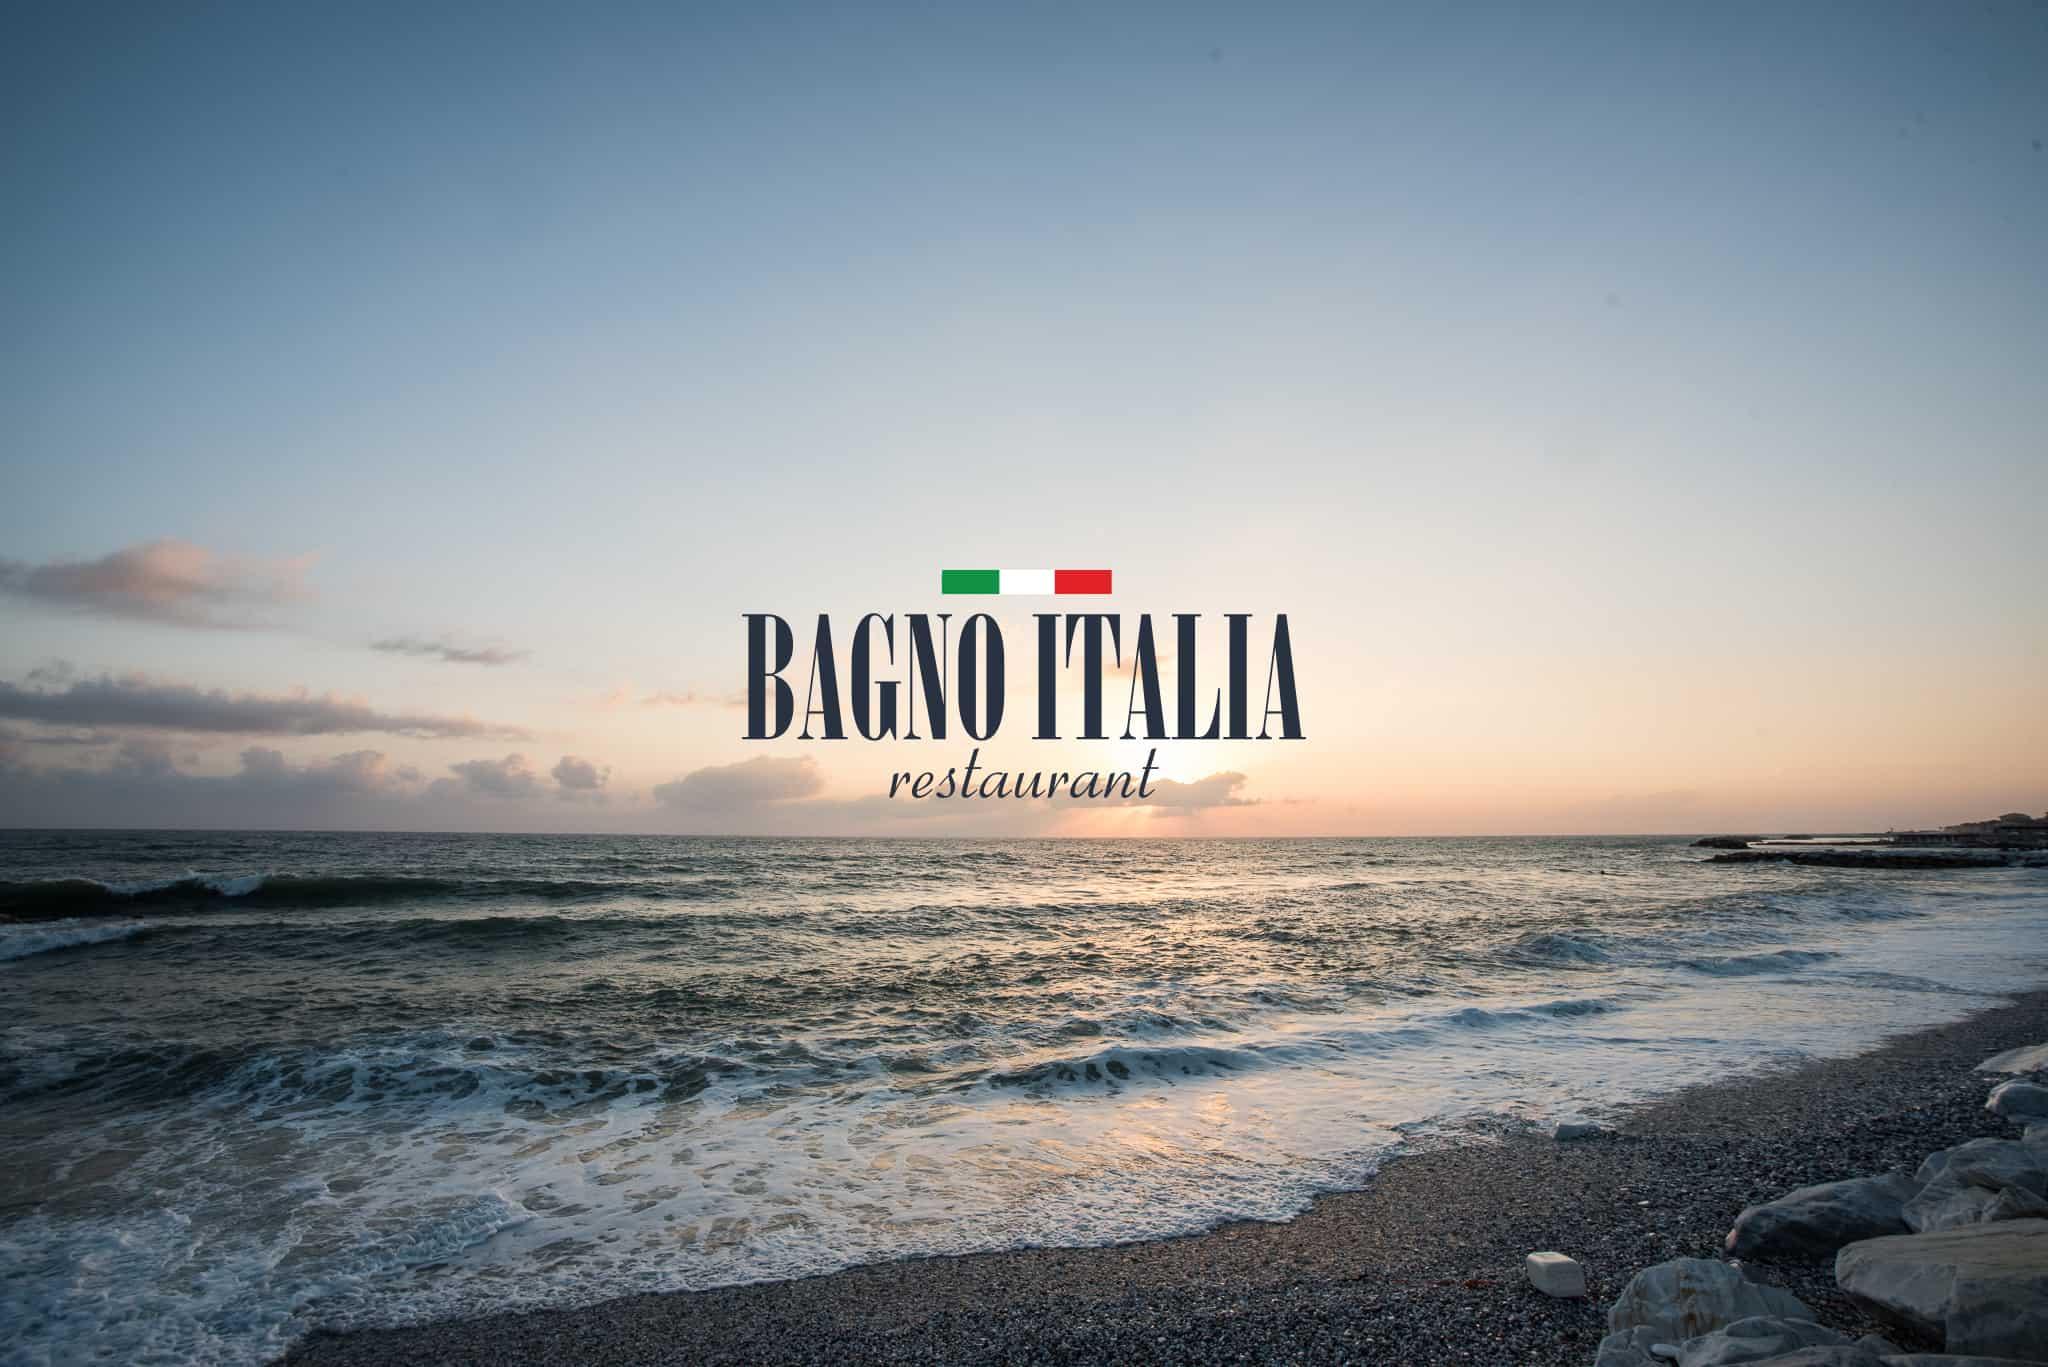 Ristorante Bagno Italia Marina Di Pisa : Ristorante bagno italia 16dee sedicidee